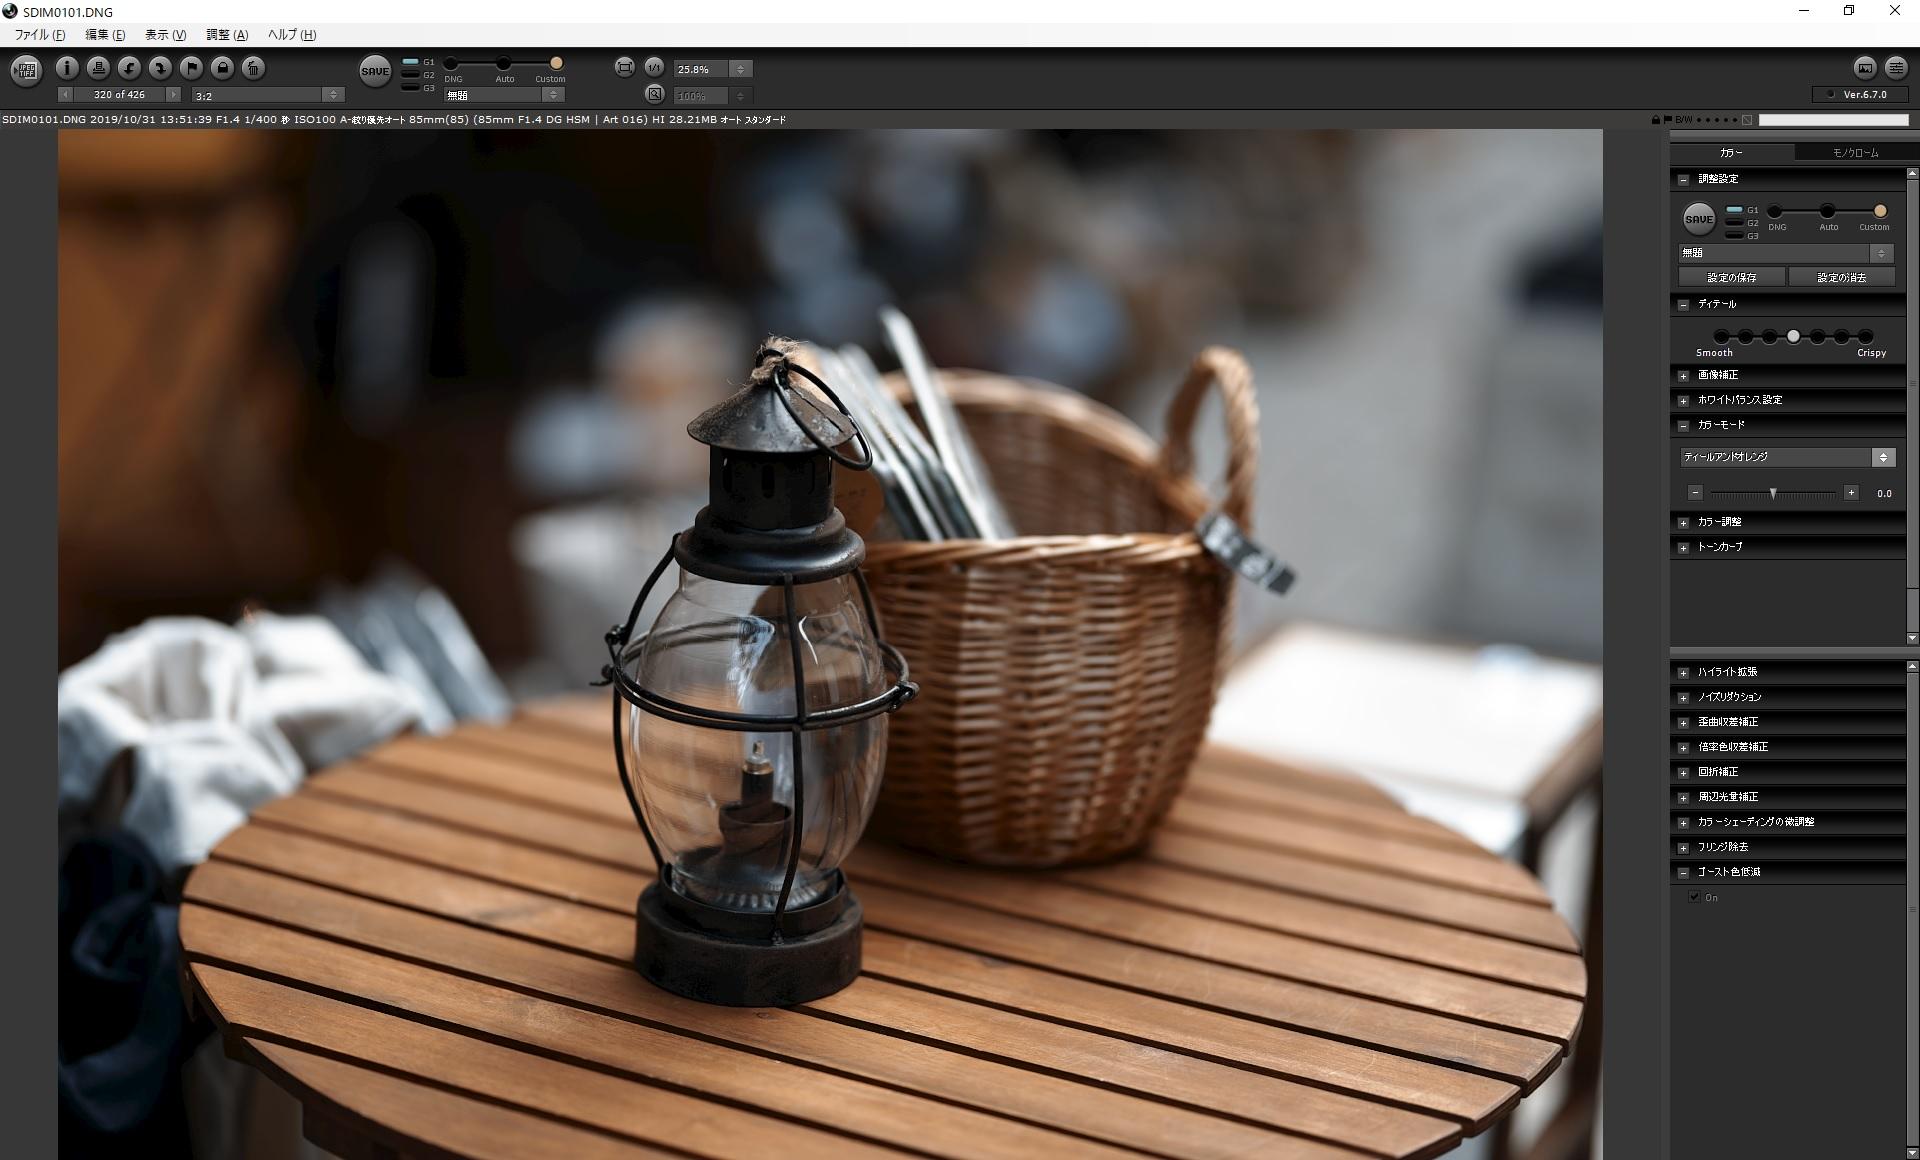 fpのRAWはDNG形式を採用。Adobe Photoshop CCやLightroomなどでも現像でき、もちろん純正のSIGMA Photo Proも対応。各種調整のほか、カラーモードの変更も行える。しかし動作が重く、決して快適とはいえない。サクサク動くように改善してほしい。